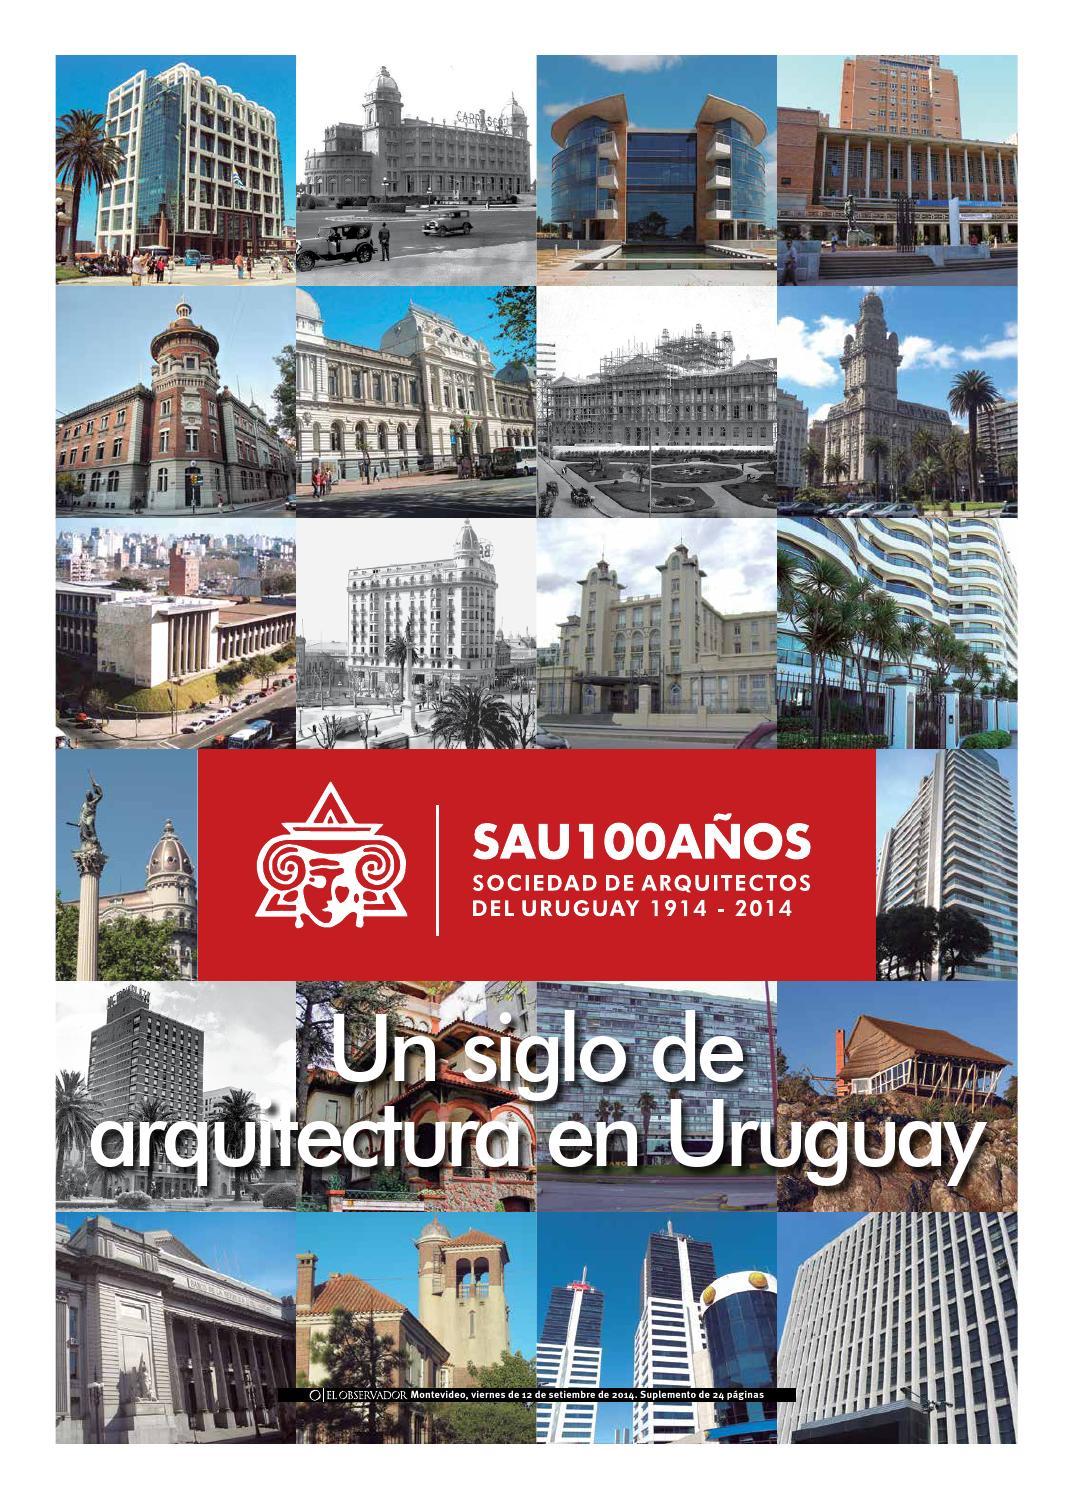 Un siglo de arquitectura en uruguay by sociedad de arquitectos del uruguay sau issuu - Sociedad de arquitectos ...